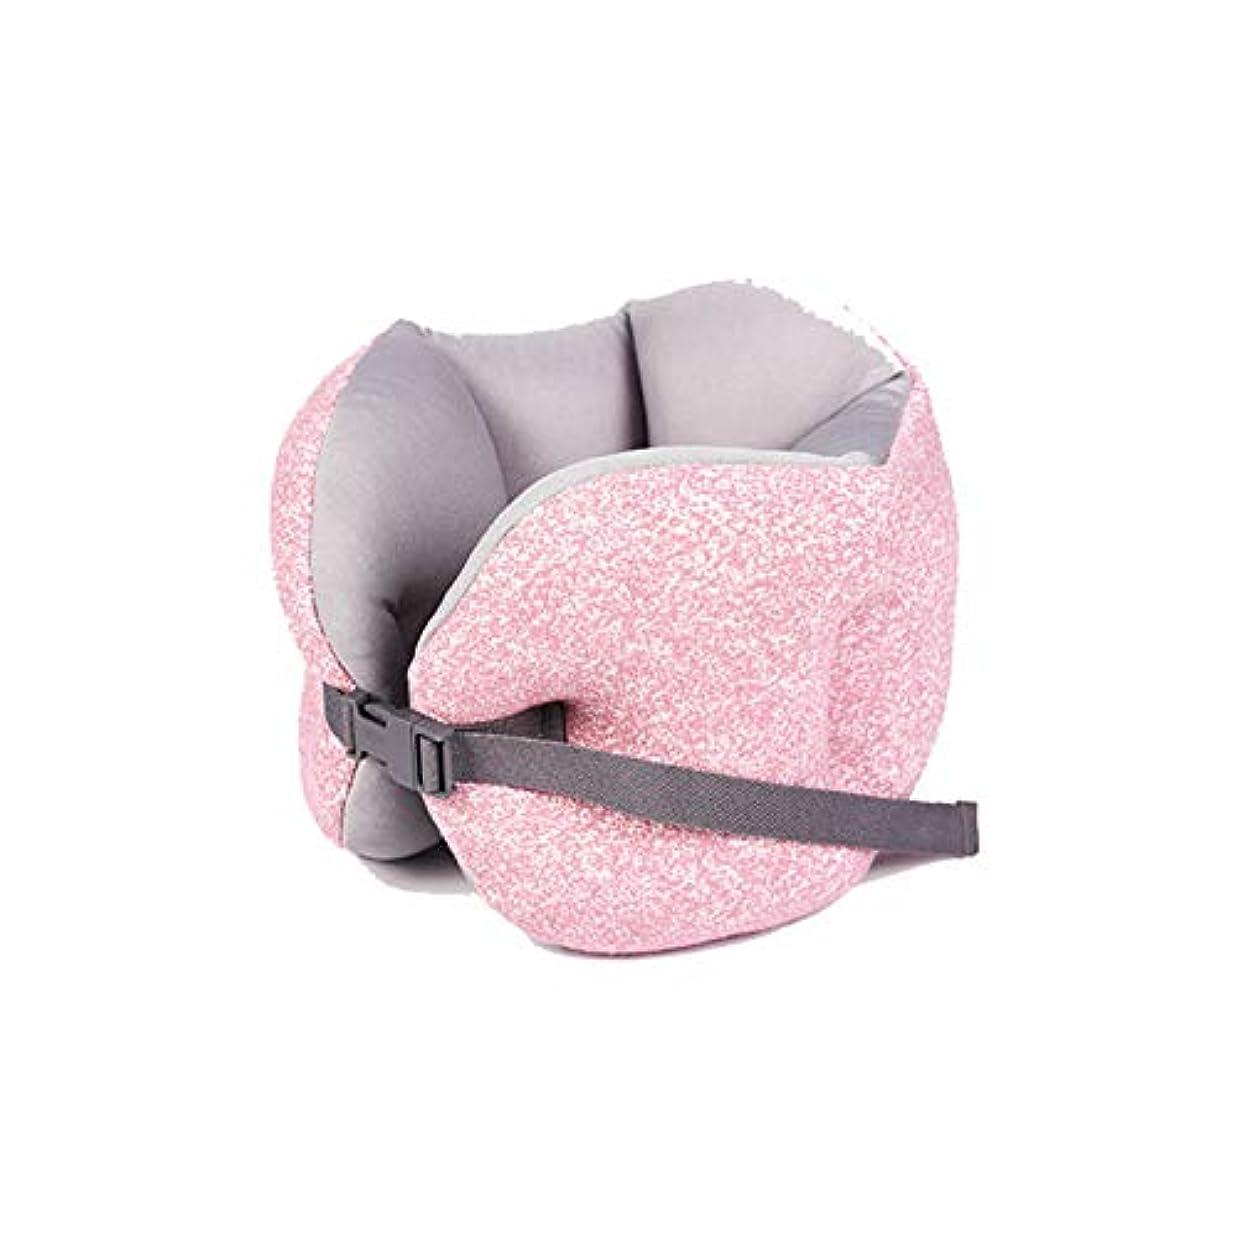 パパ寛解信じるSMART ホームオフィス背もたれ椅子腰椎クッションカーシートネック枕 3D 低反発サポートバックマッサージウエストレスリビング枕 クッション 椅子